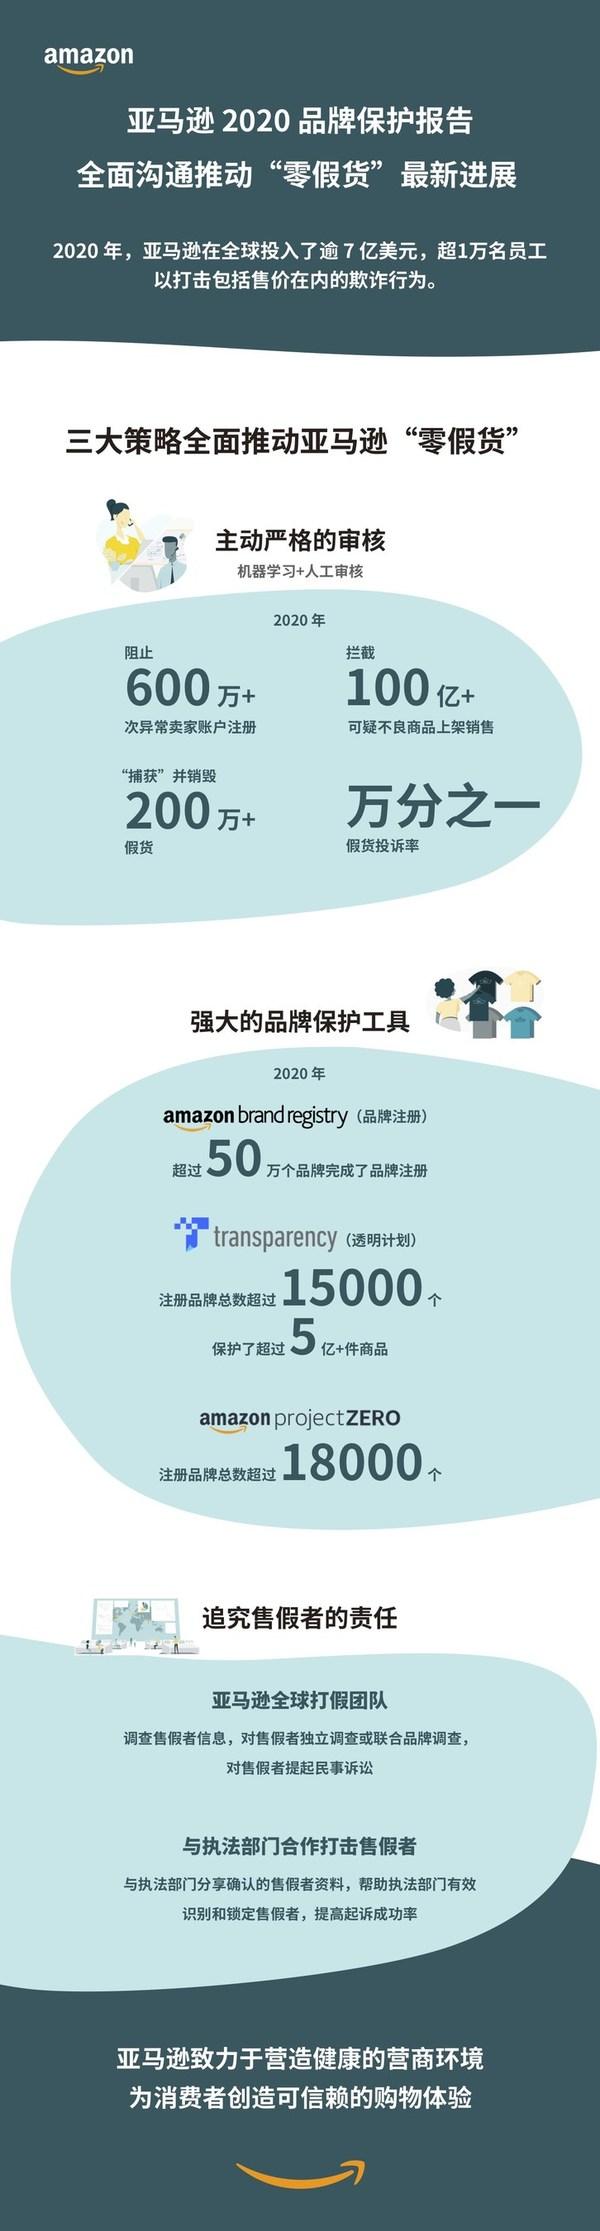 """亚马逊发布2020品牌保护报告 沟通亚马逊推动""""零假货""""最新进展"""